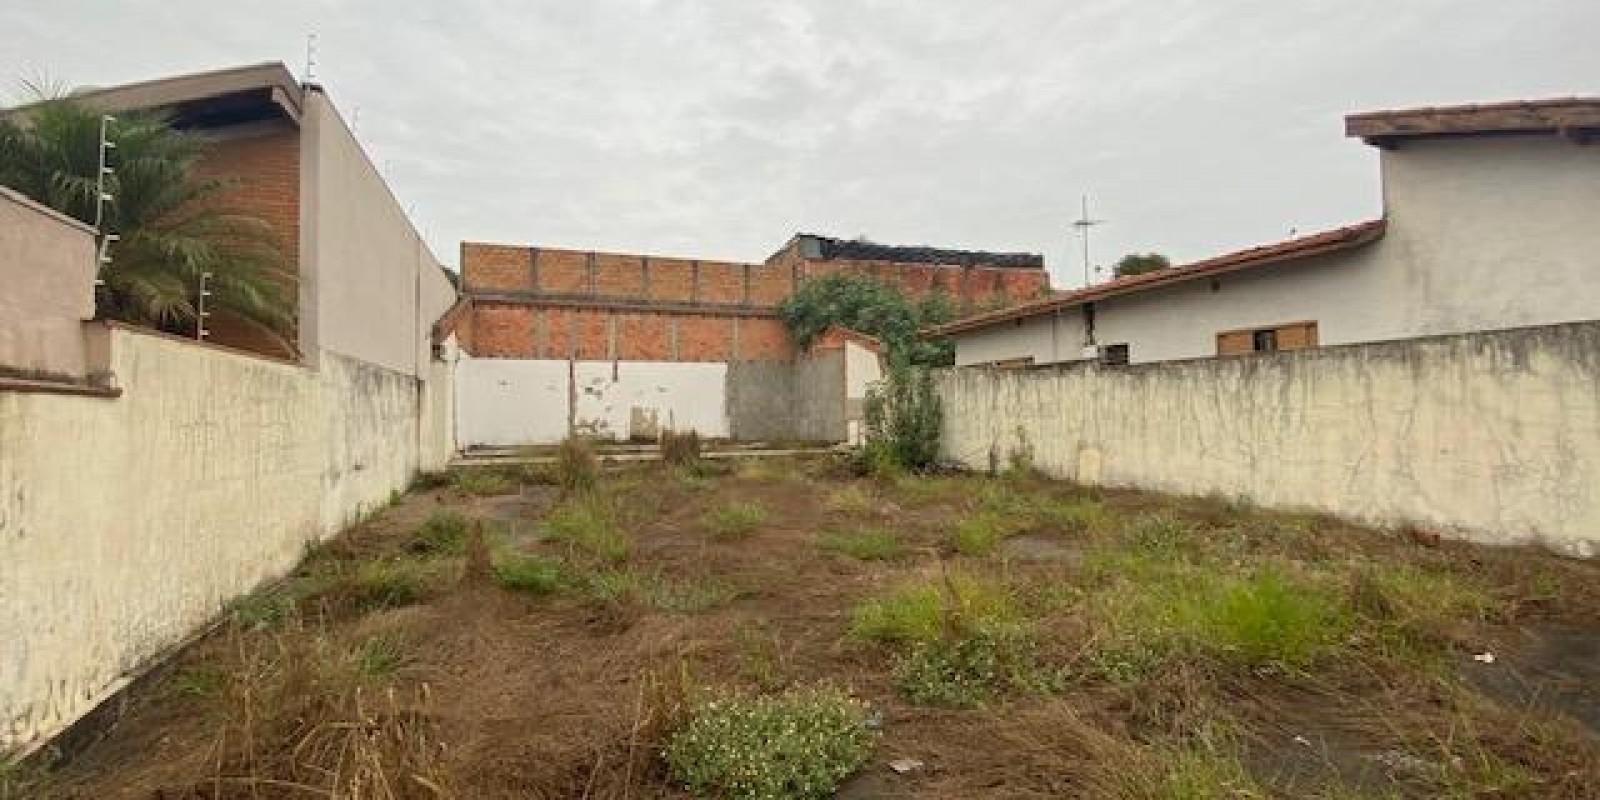 Terreno Todo Murado, com Água e Energia Elétrica no Centro de  Avaré SP